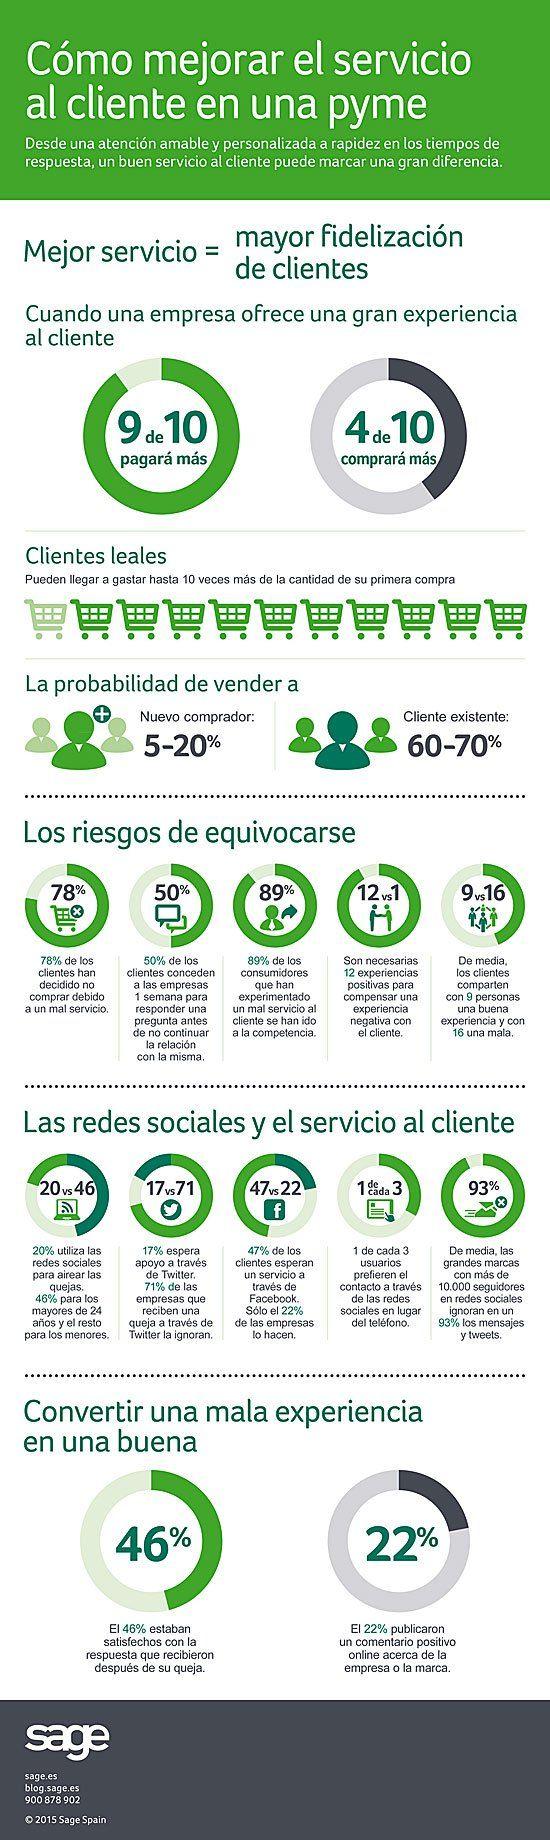 Cómo mejorar el servicio de atención al cliente de tu empresa #infografia #infographic #marketing